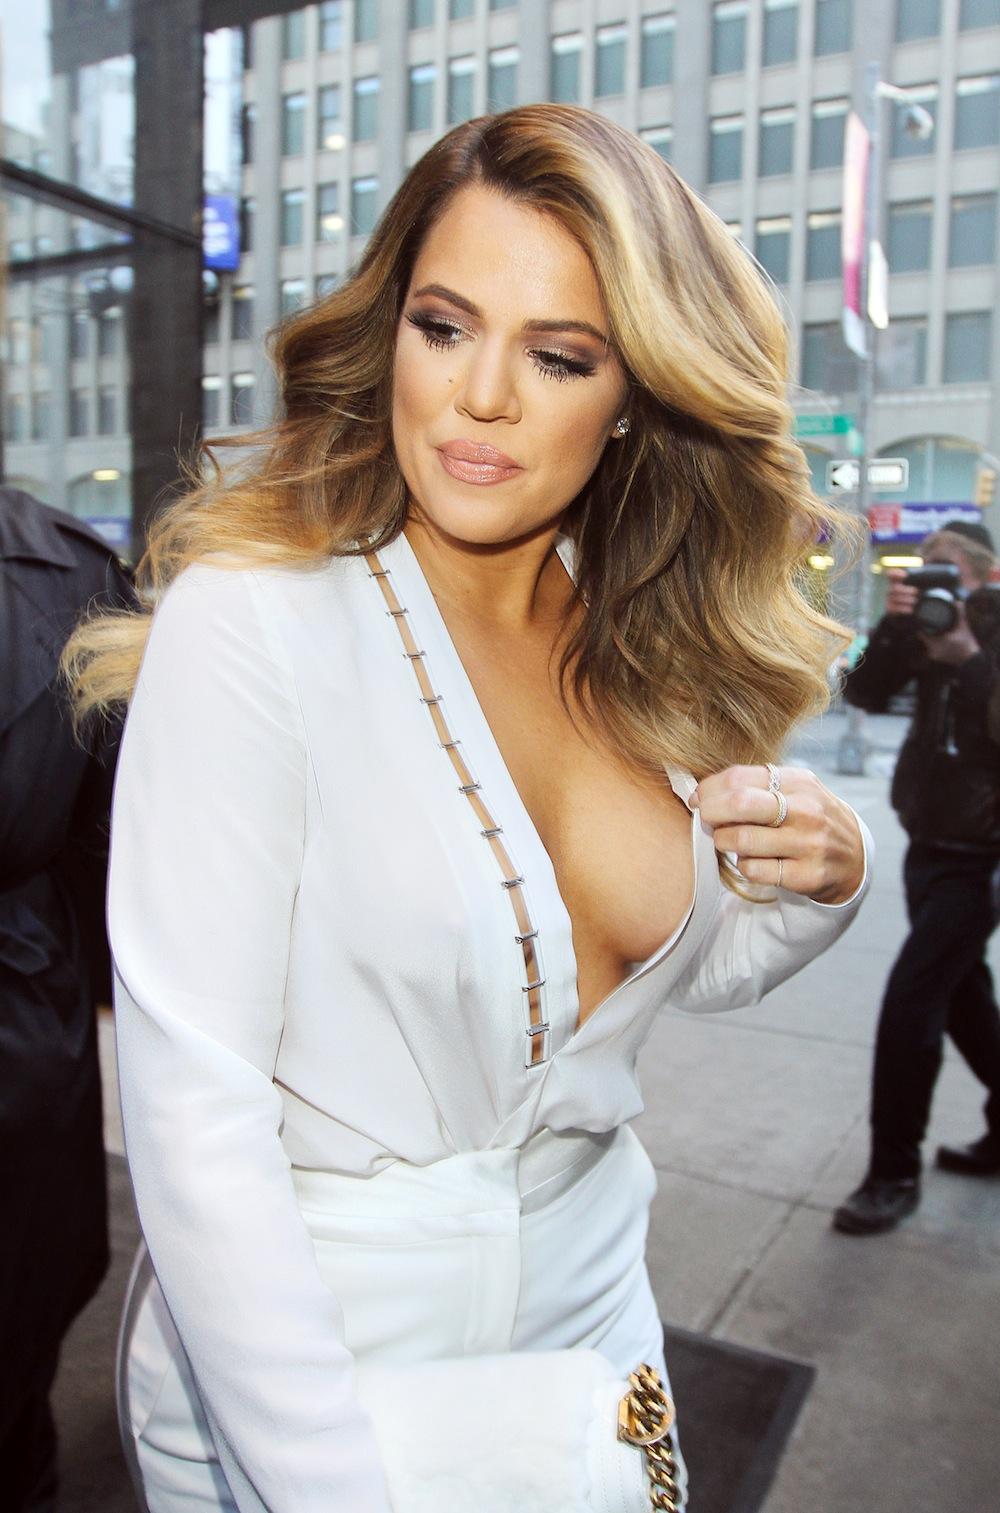 Twitter Cleavage Khloe Kardashian naked photo 2017